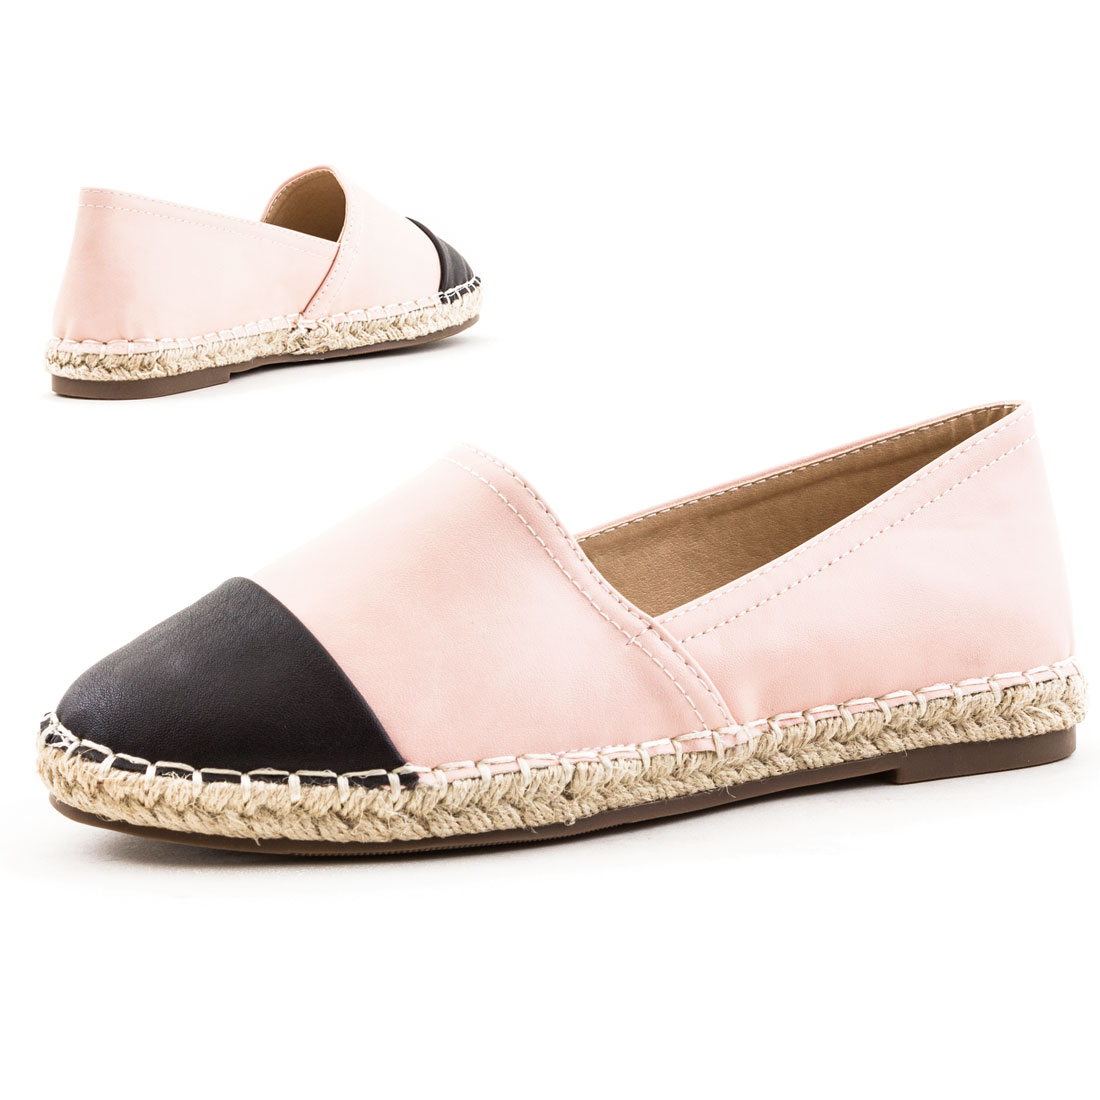 By Shoes Damen Espadrilles W4Qqg